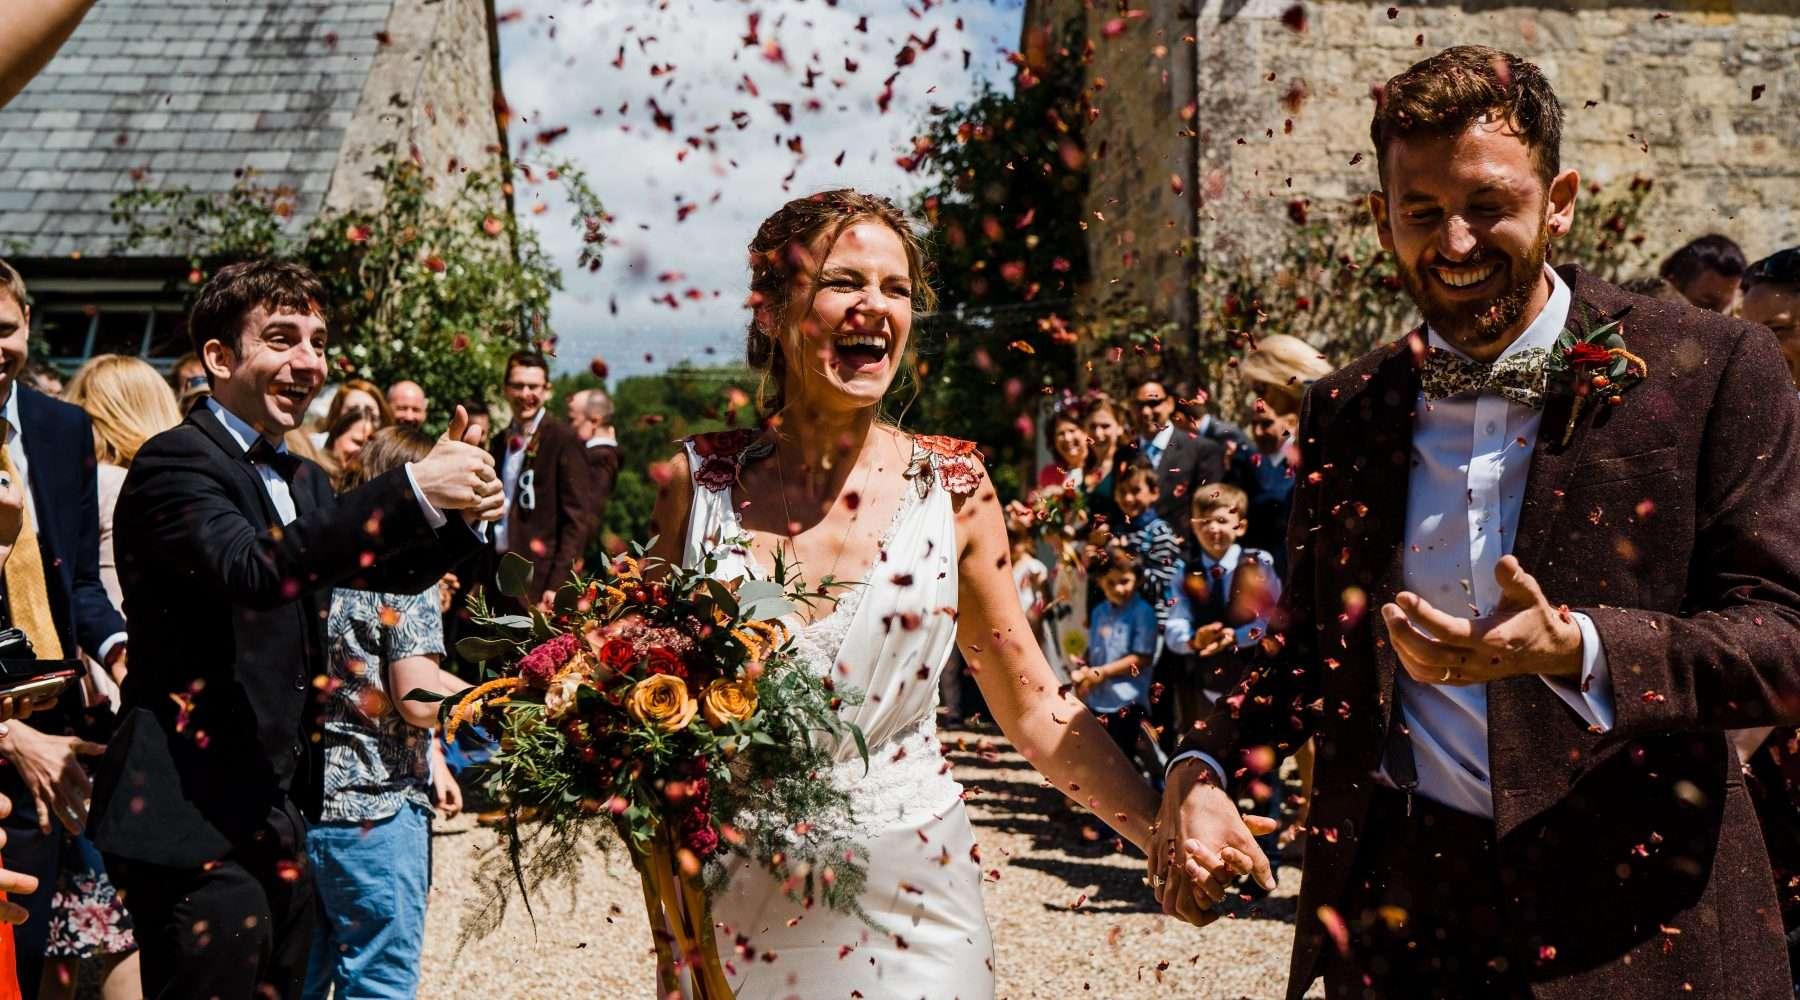 Jo marries in a bespoke Annasul Y wedding dress